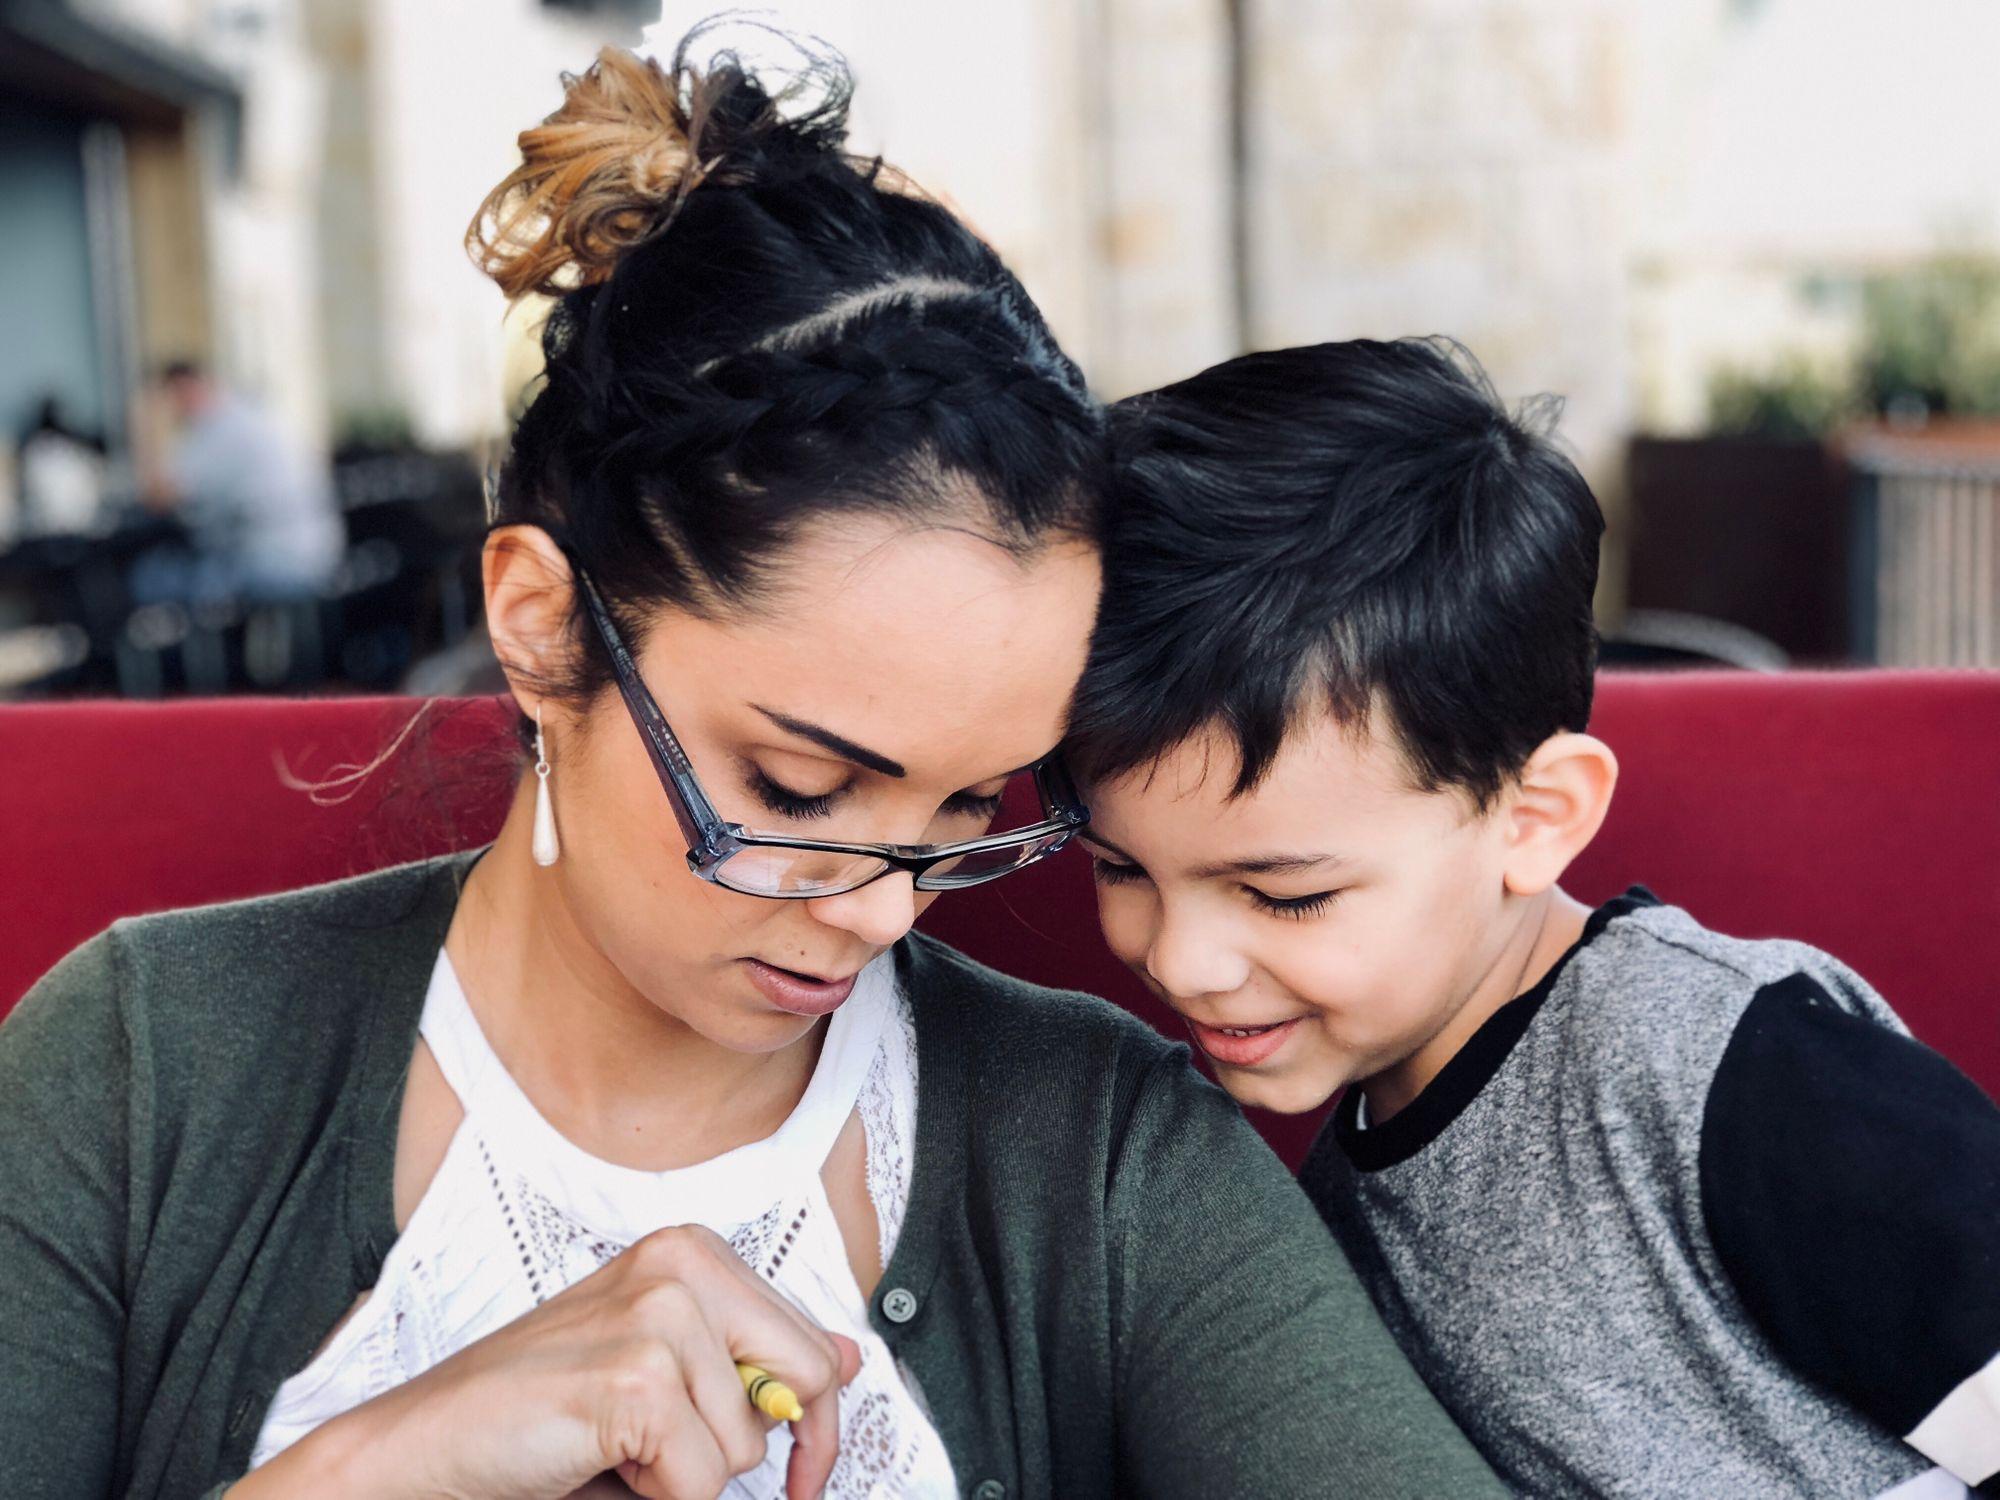 8 Trucos para ahorrar dinero que debes enseñar a tus hijos